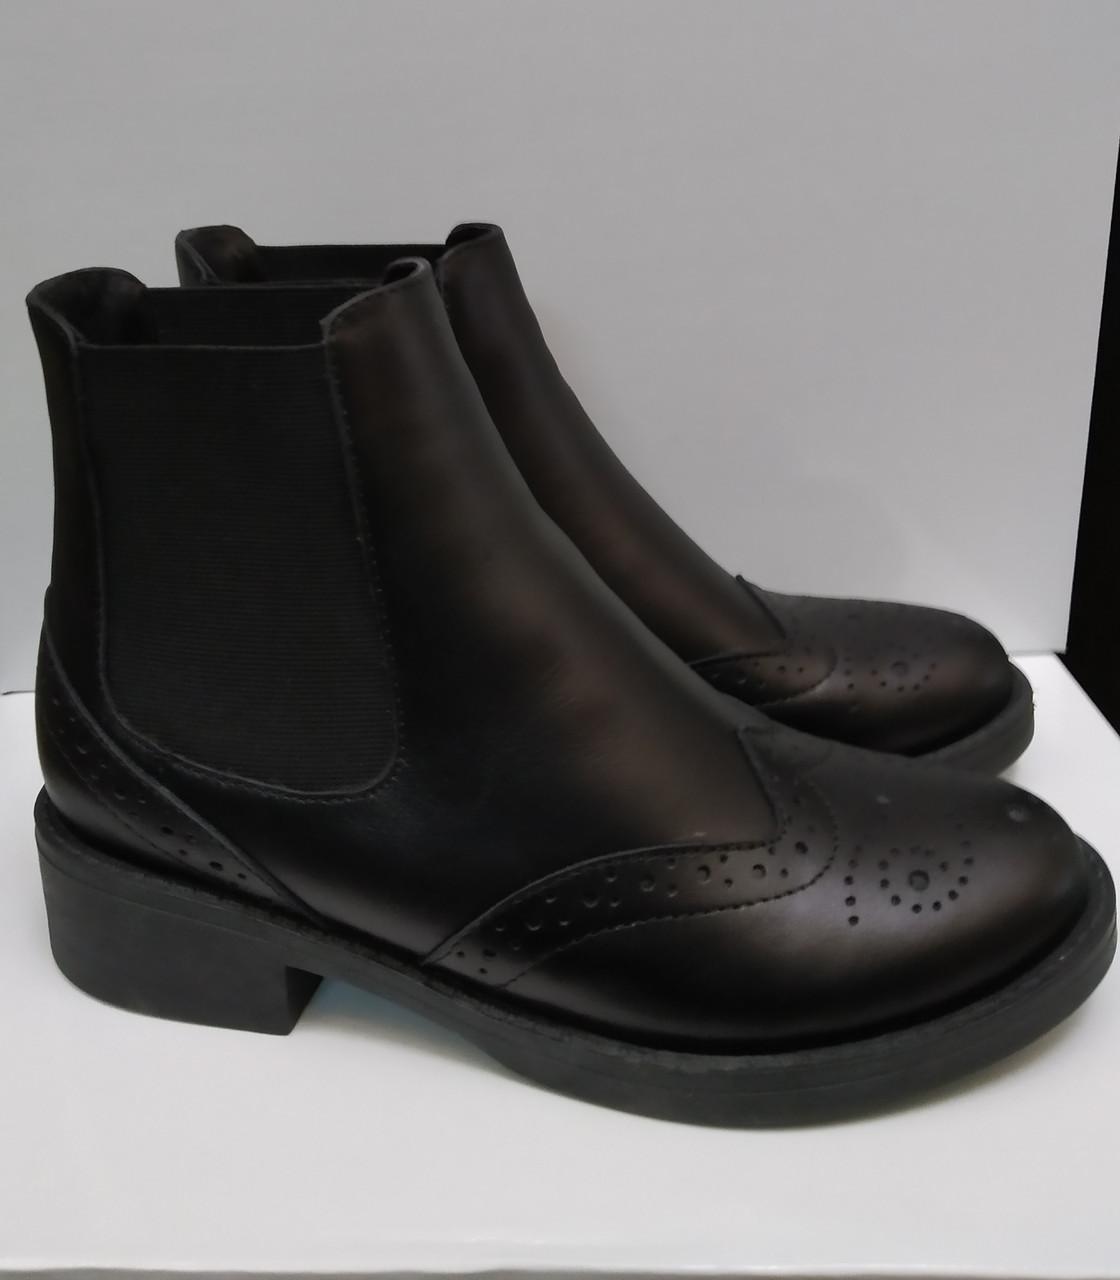 Женские ботинки демисезонные кожаные черные на резинке